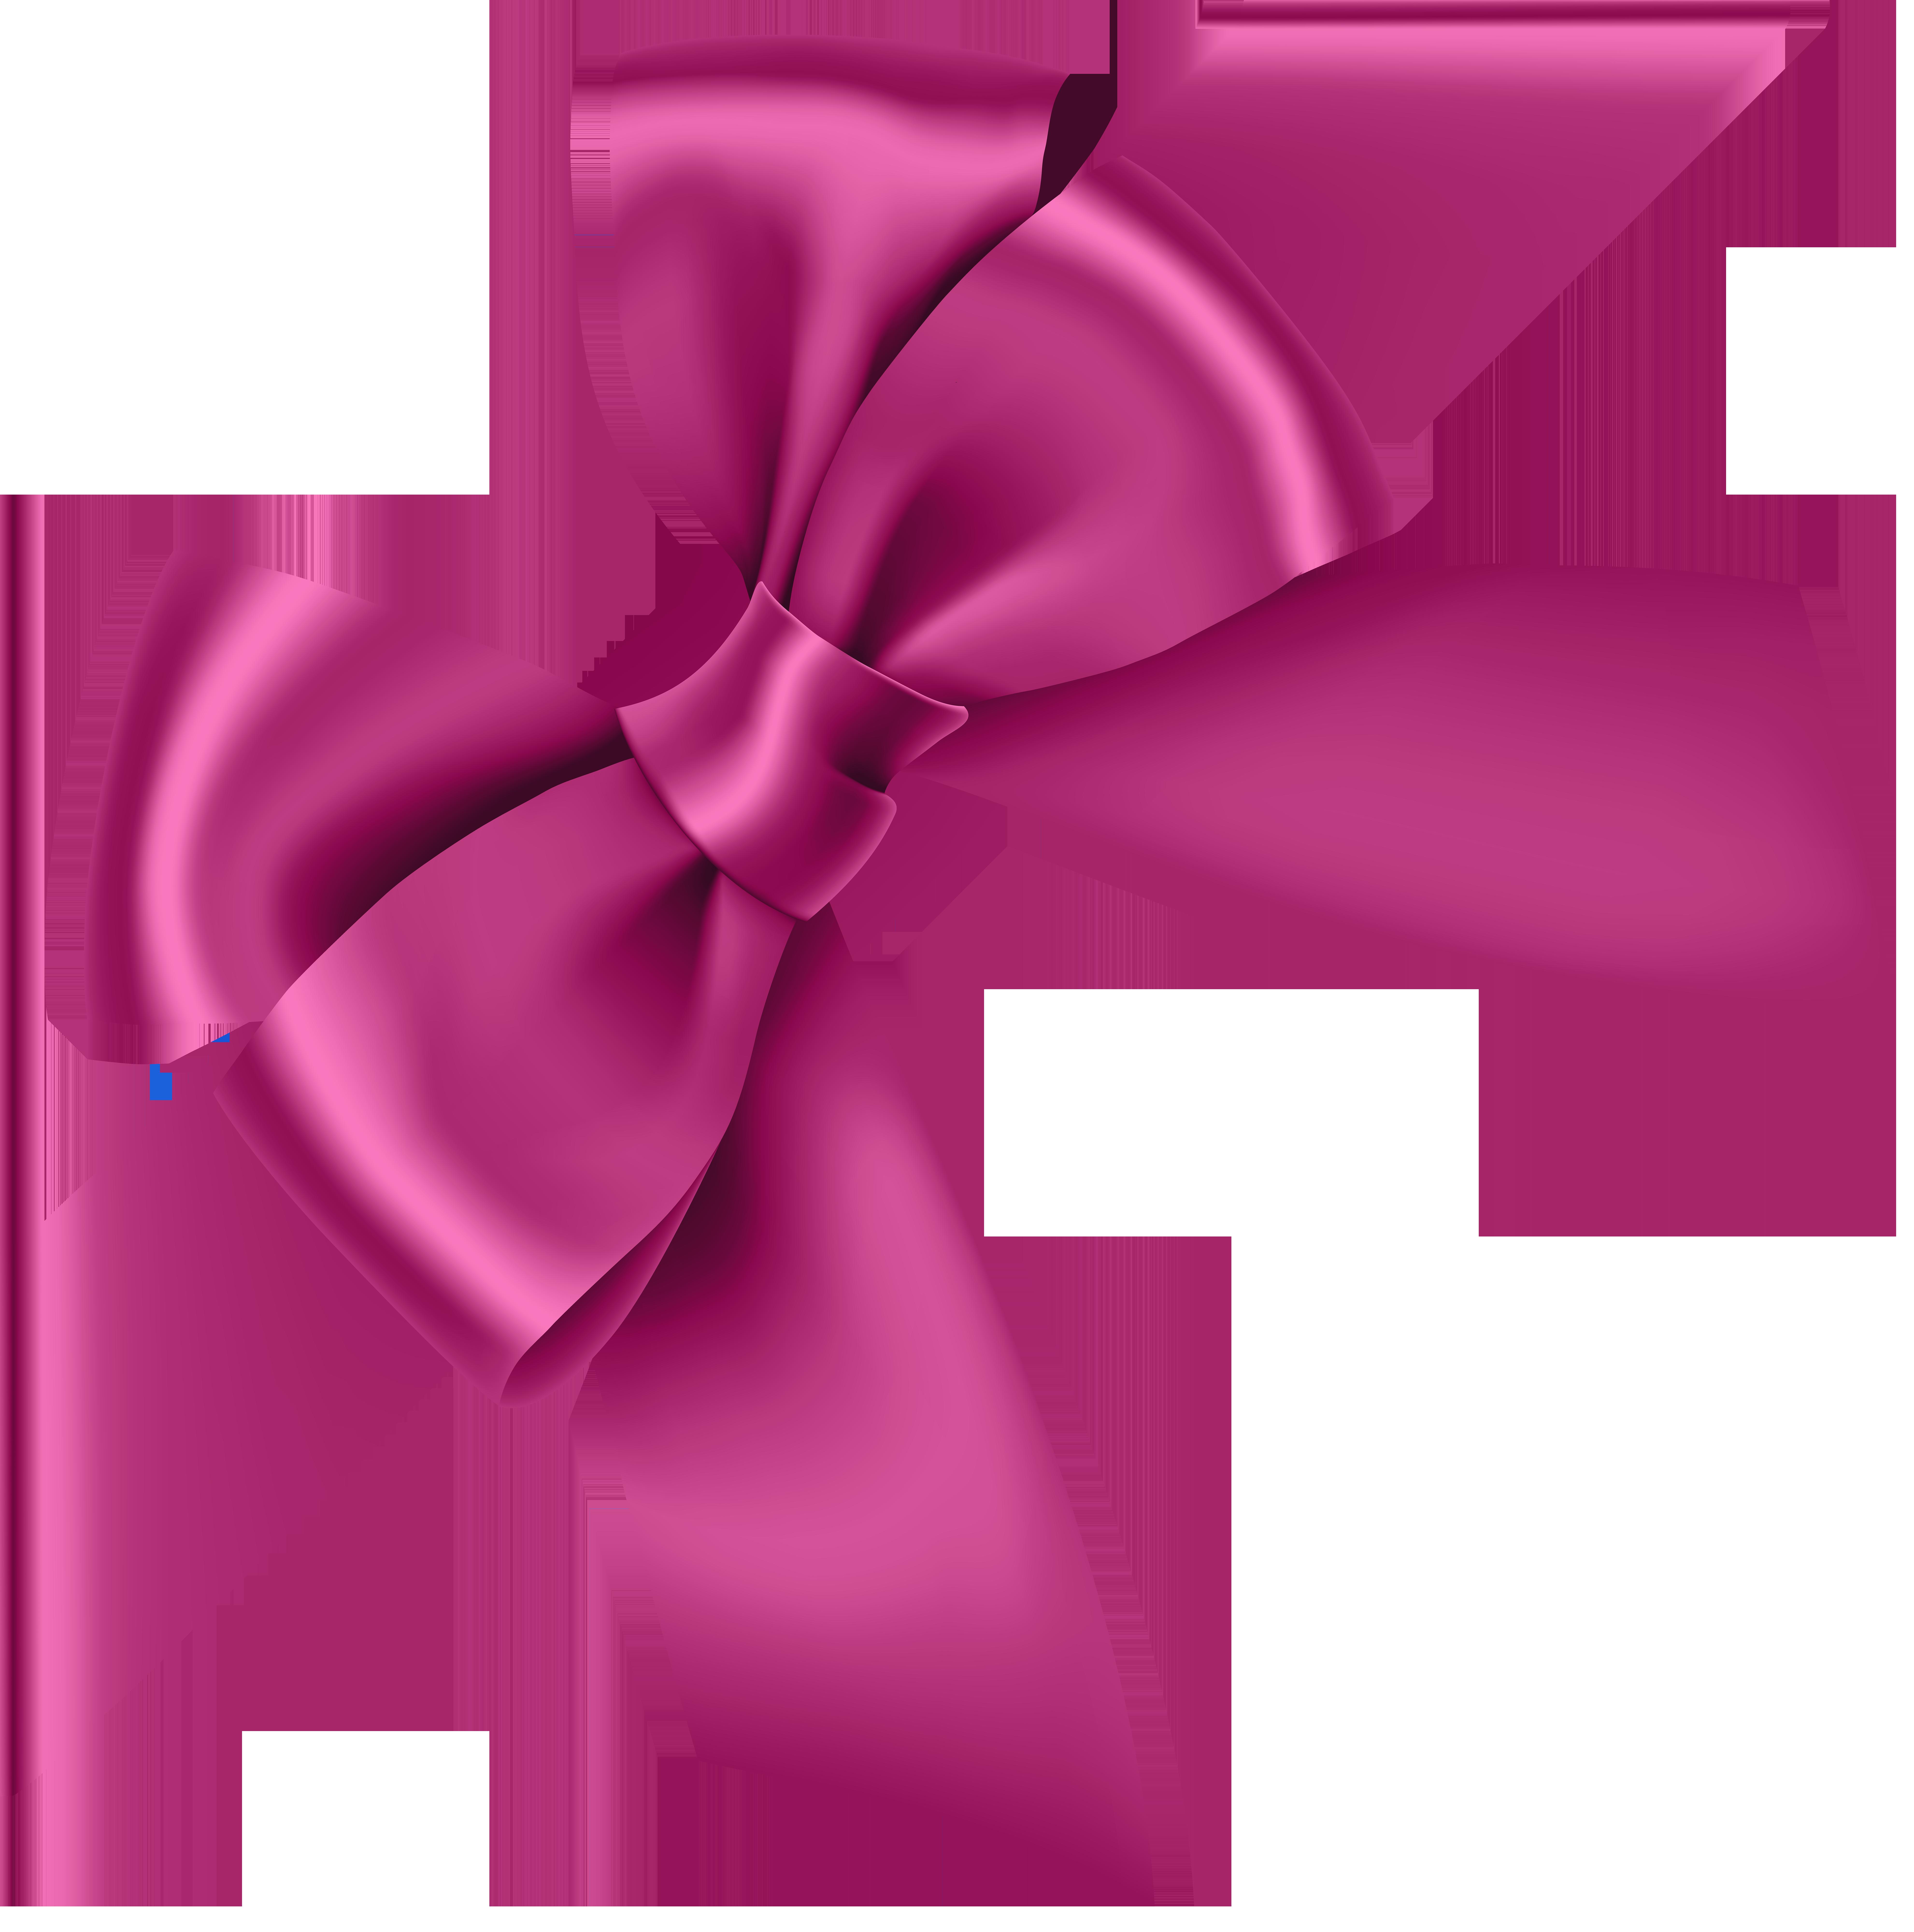 56 Christmas Bows and Ribbons Clip Arts PNG Transparent By ...   Christmas Clipart Ribbons And Bows